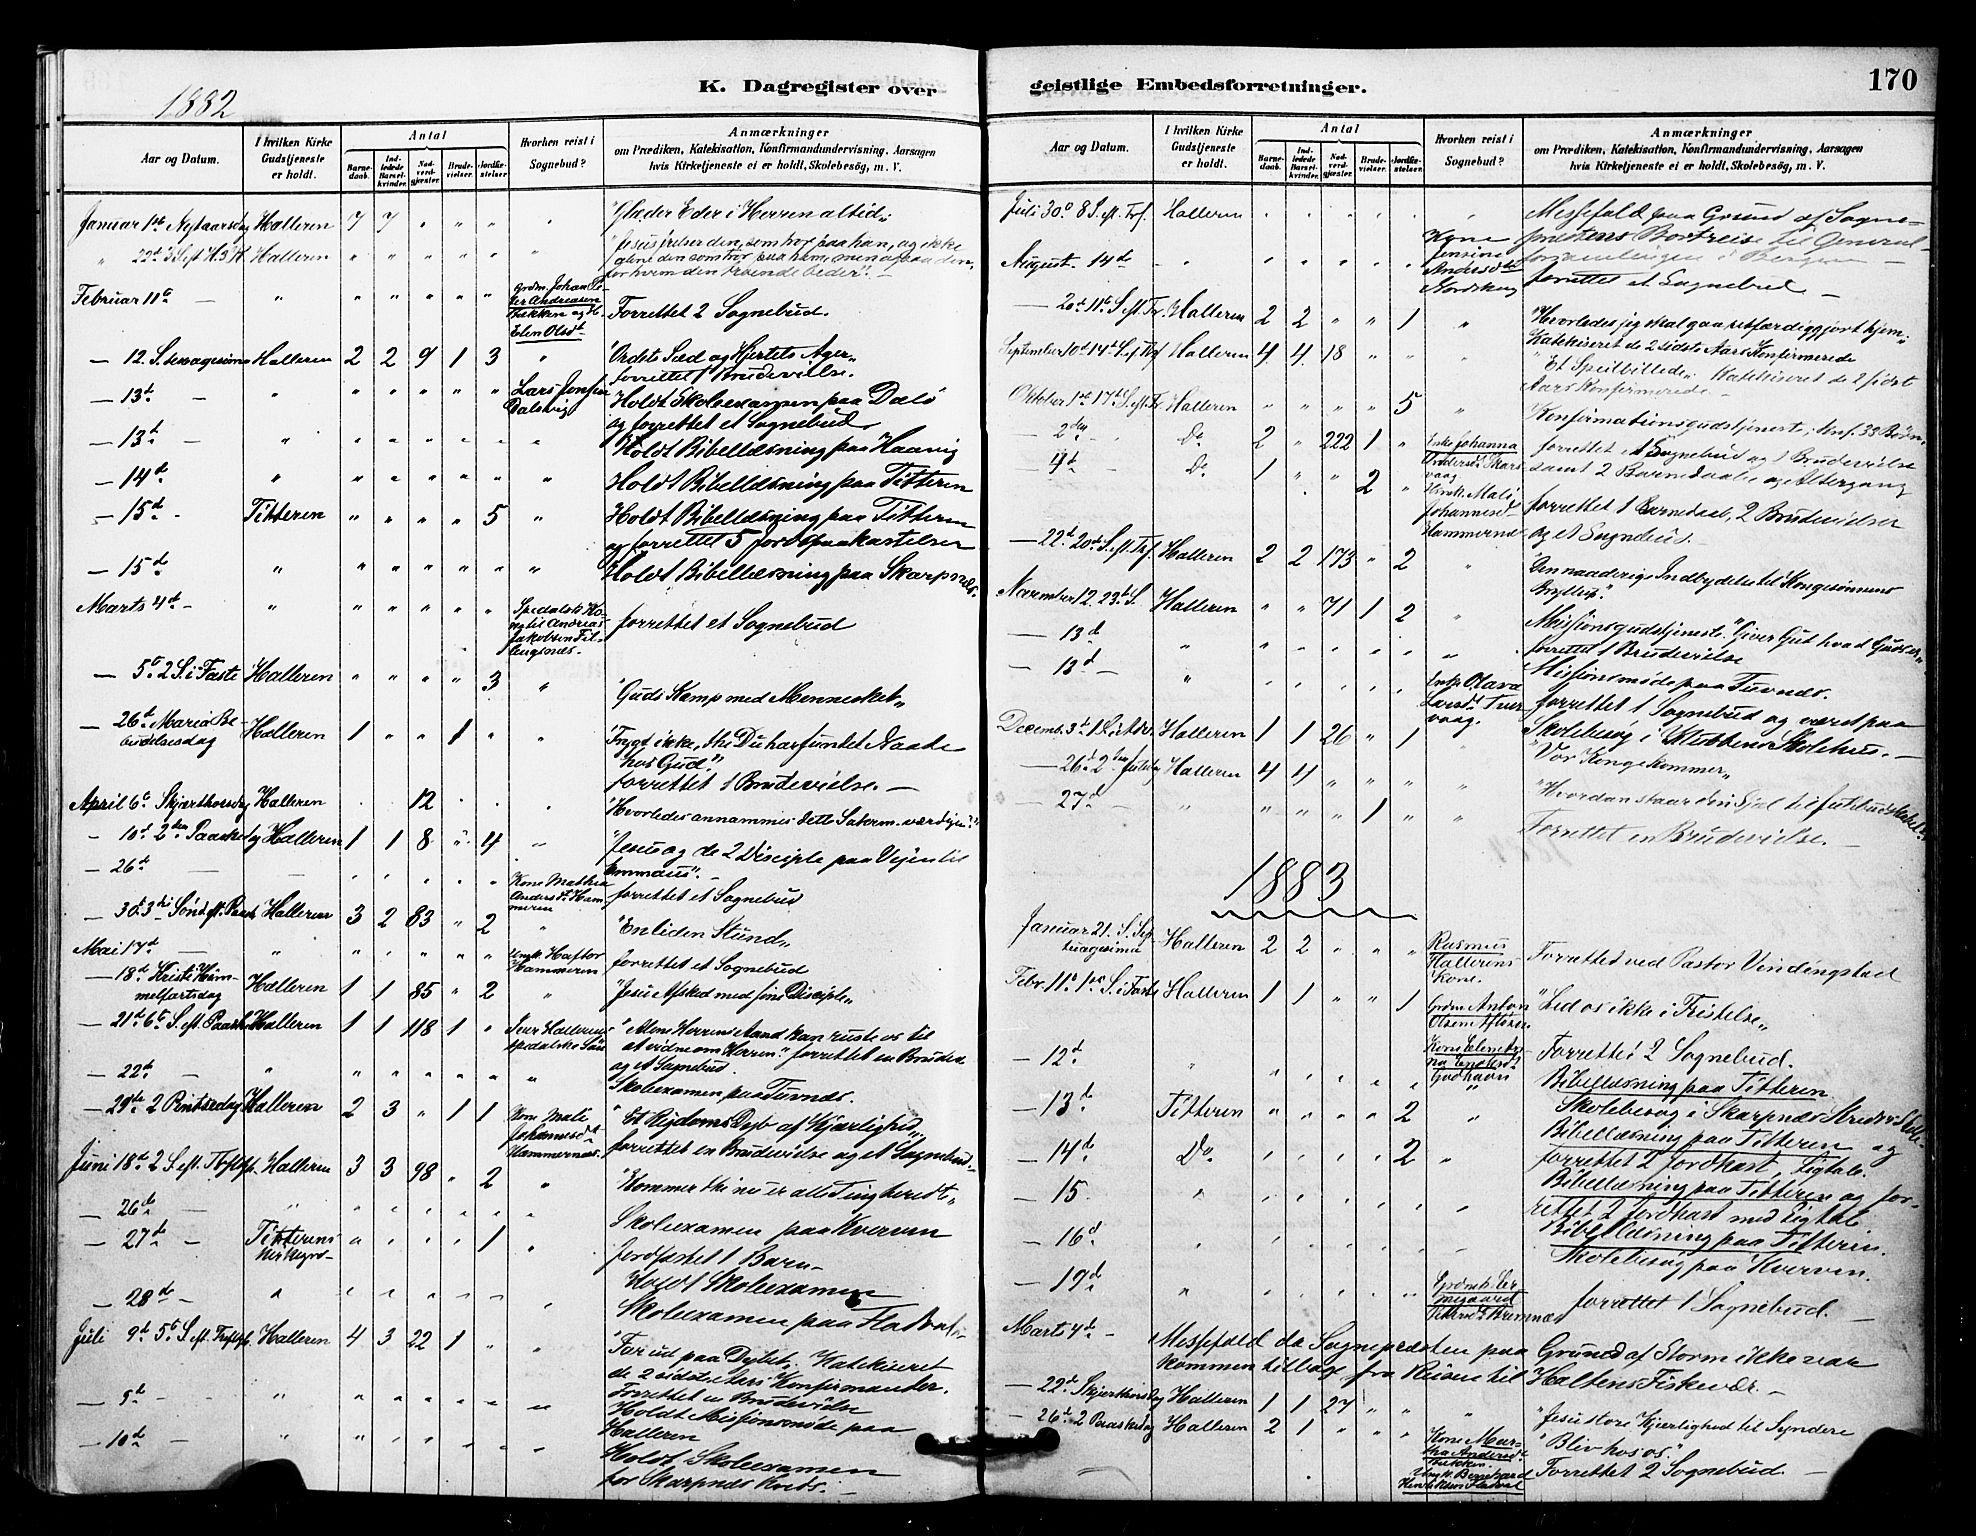 SAT, Ministerialprotokoller, klokkerbøker og fødselsregistre - Sør-Trøndelag, 641/L0595: Ministerialbok nr. 641A01, 1882-1897, s. 170